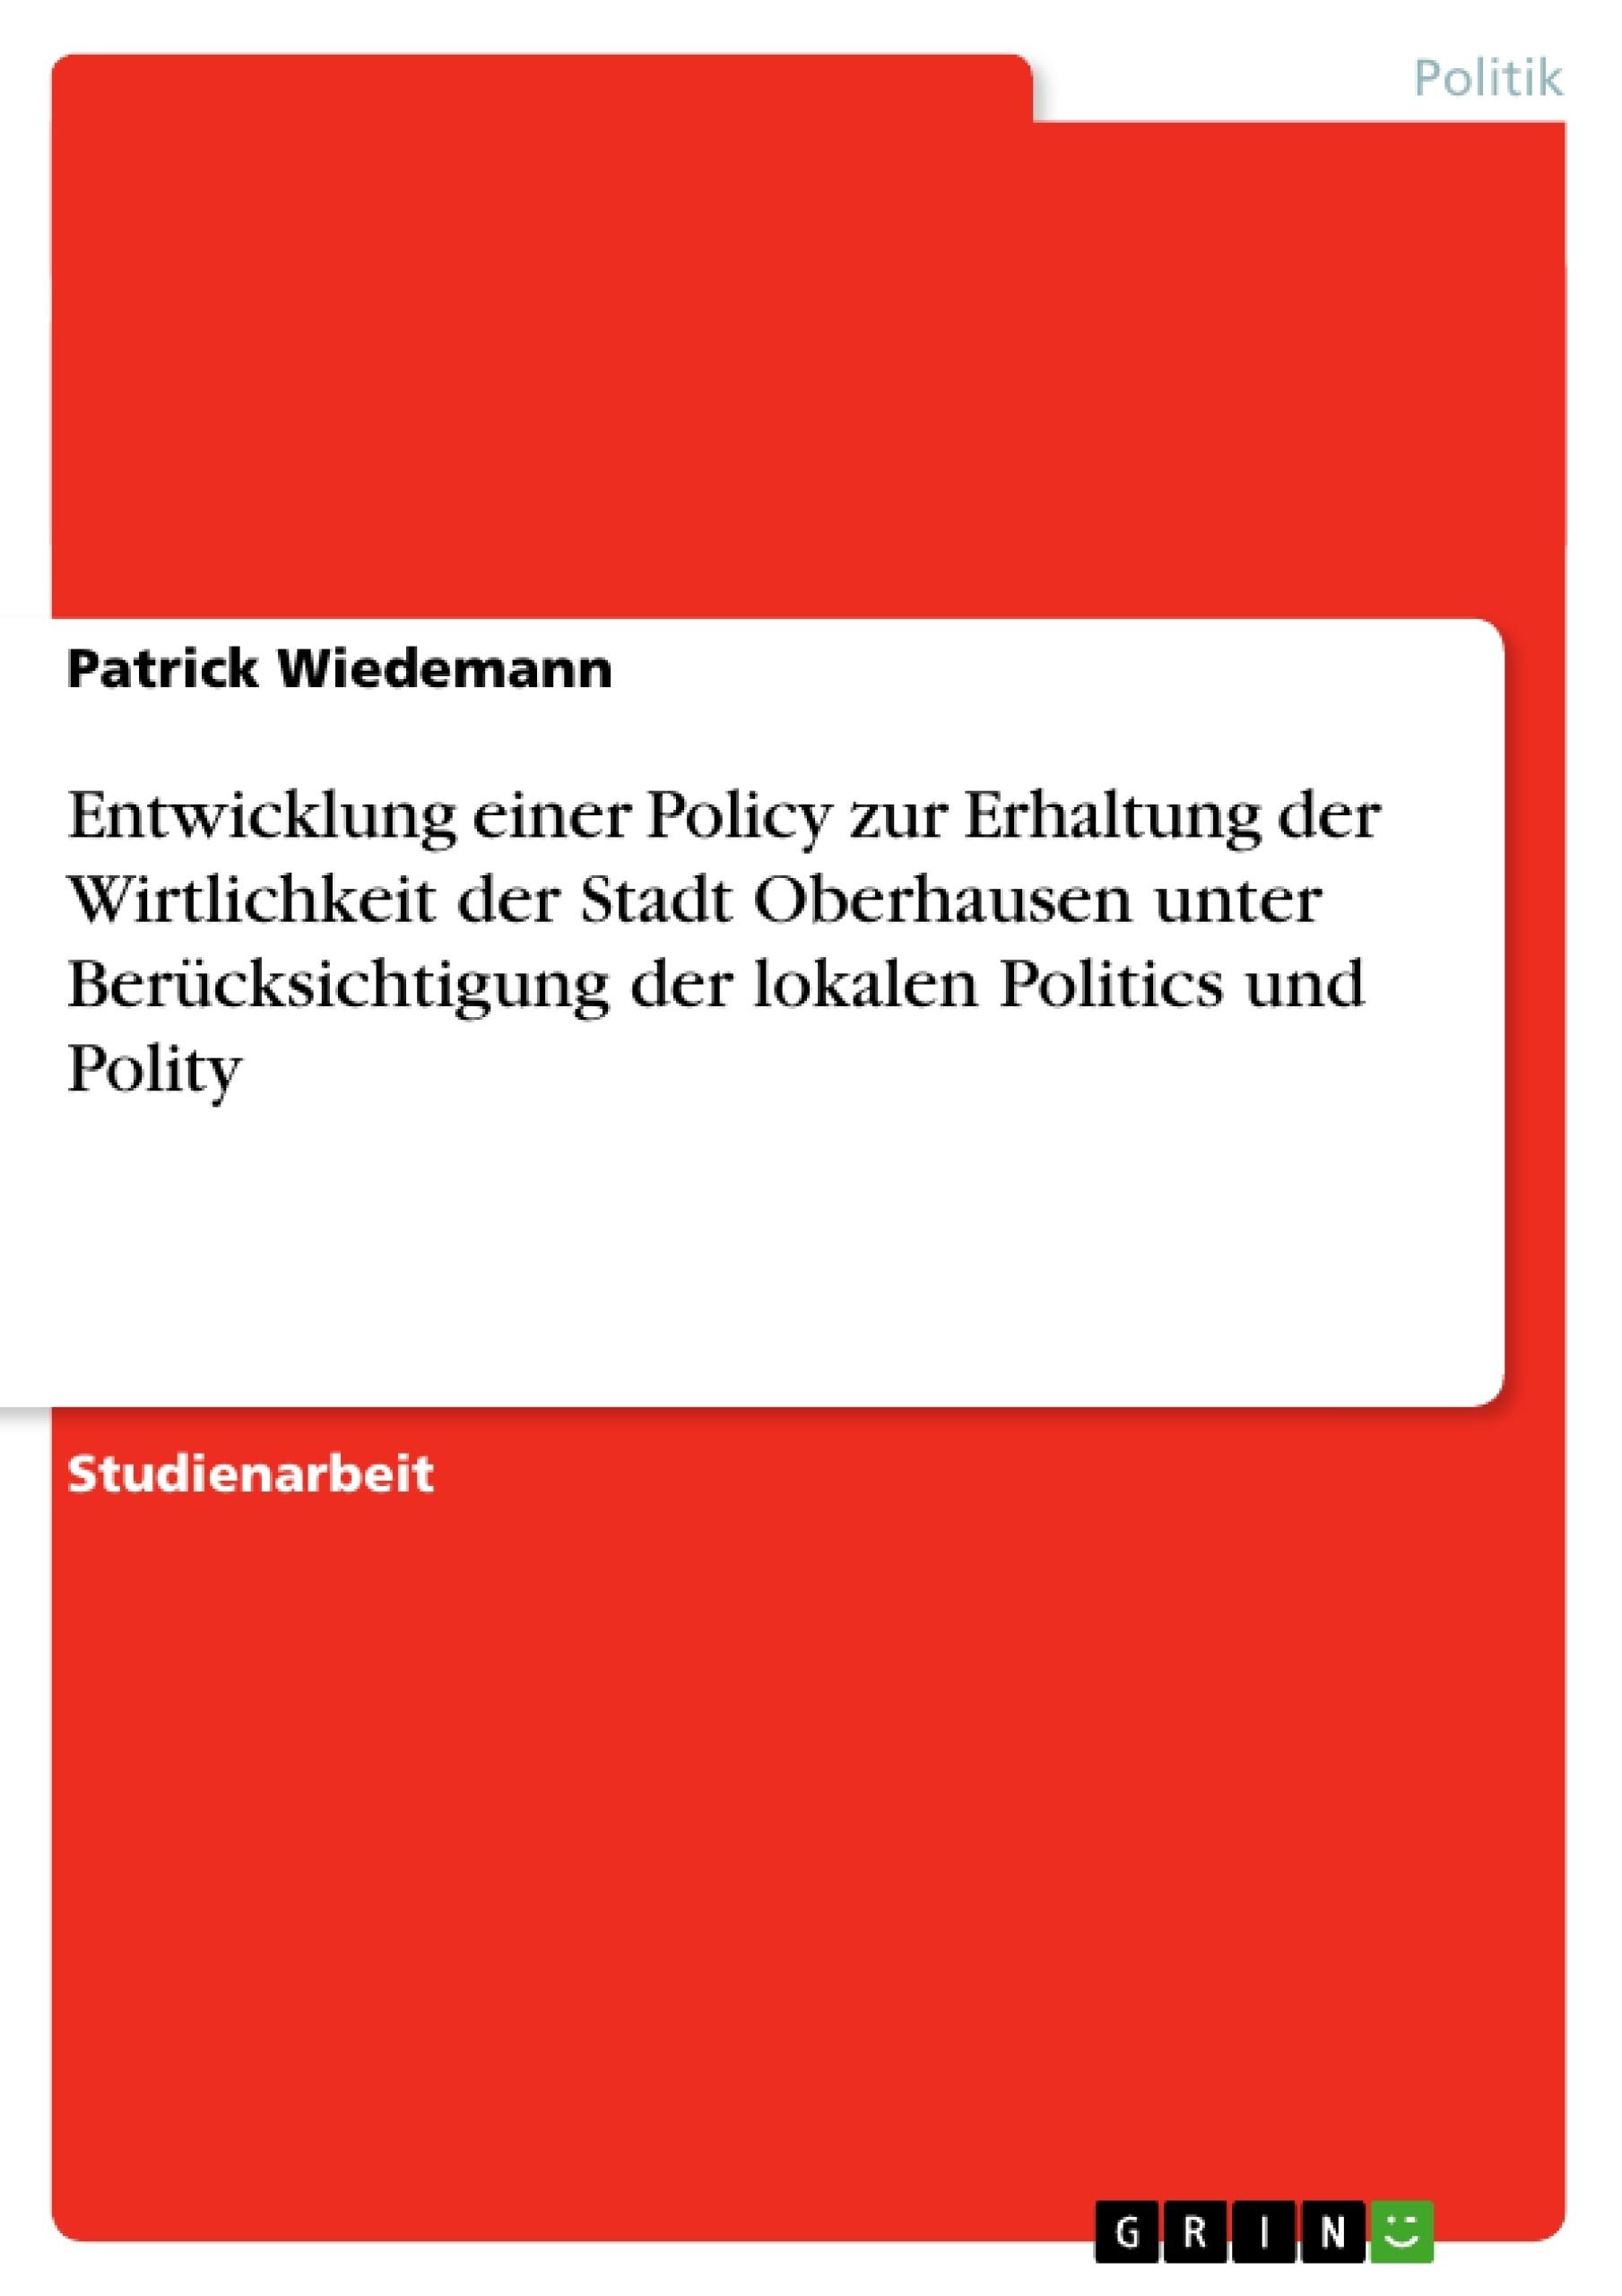 Titel: Entwicklung einer Policy zur Erhaltung der Wirtlichkeit der Stadt Oberhausen unter Berücksichtigung der lokalen Politics und Polity